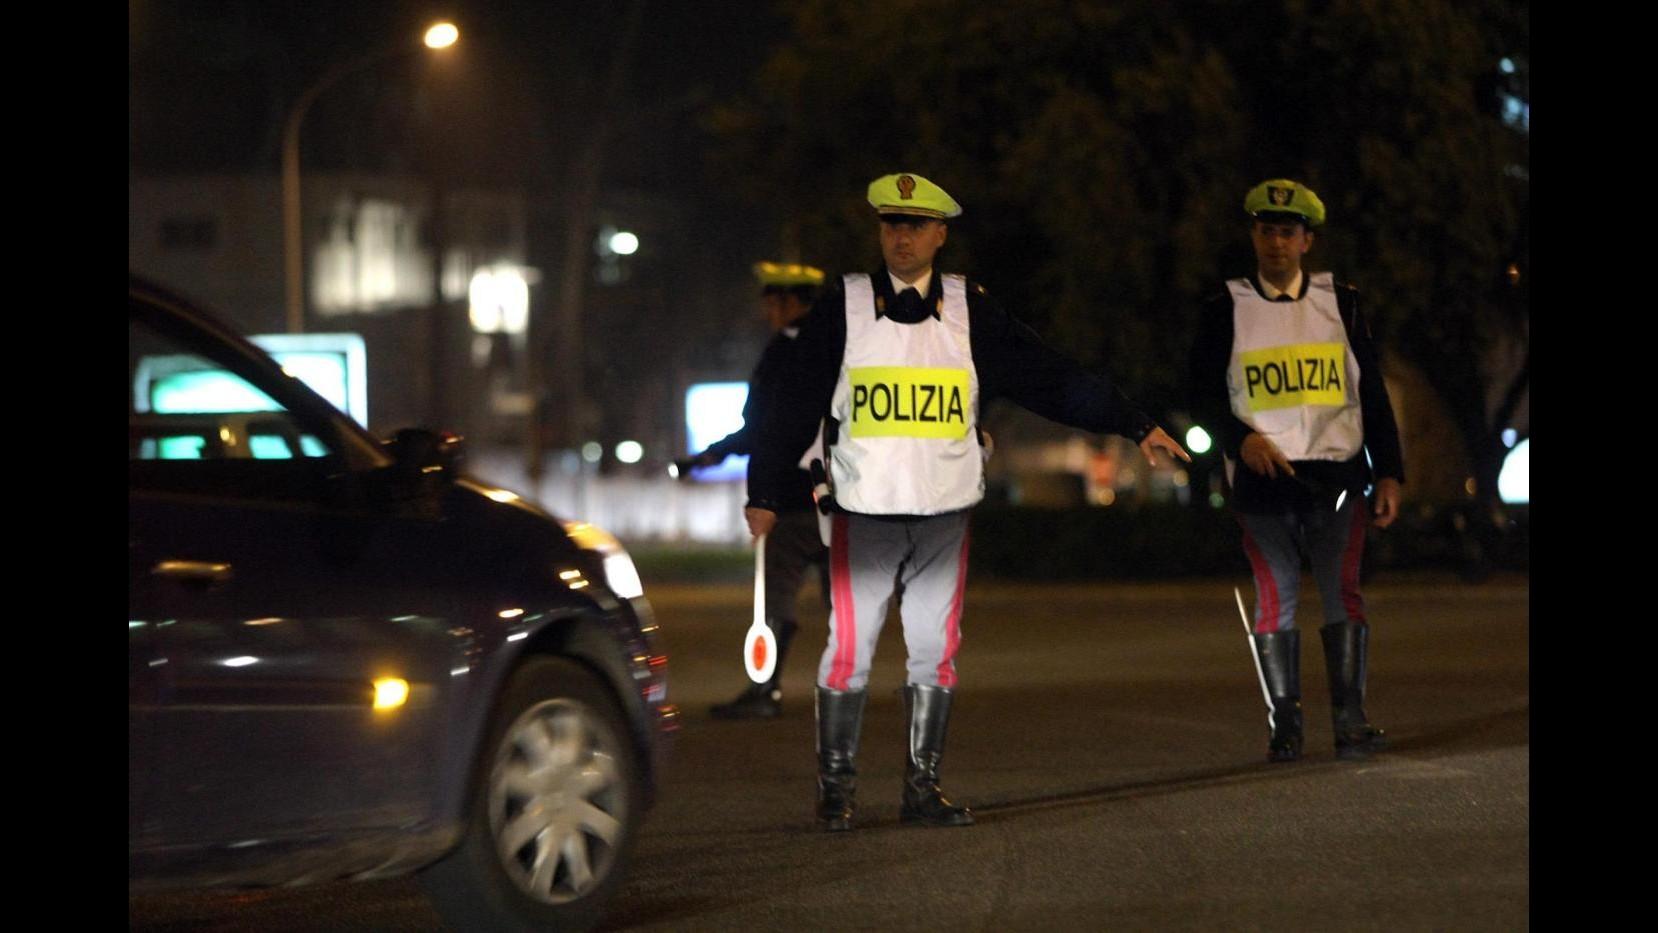 Roma, smantellata banda rapinatori: tra arrestati anche usuraio